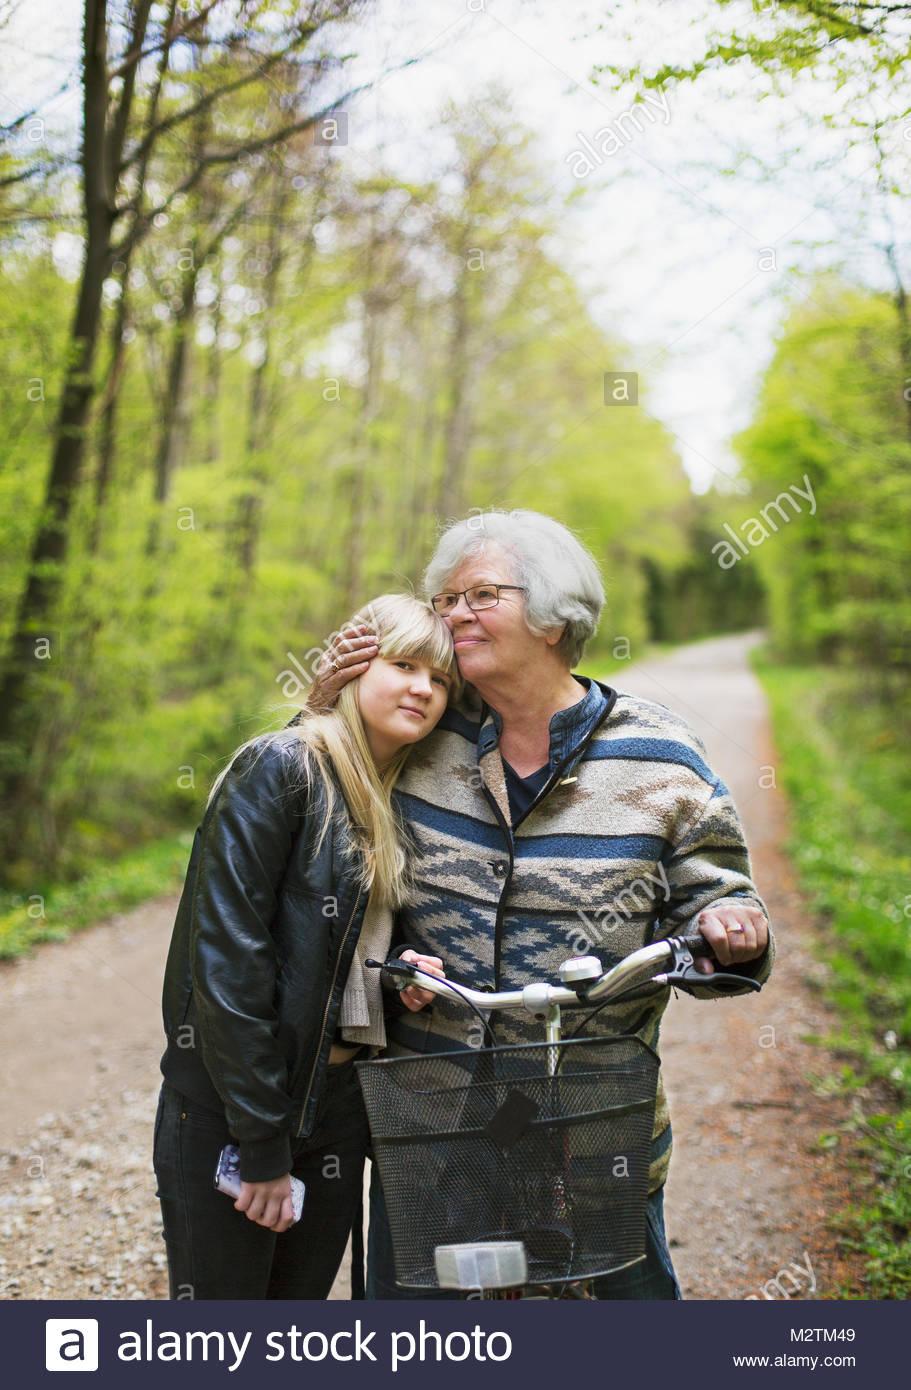 Abuela y nieta abrazando el camino forestal Imagen De Stock